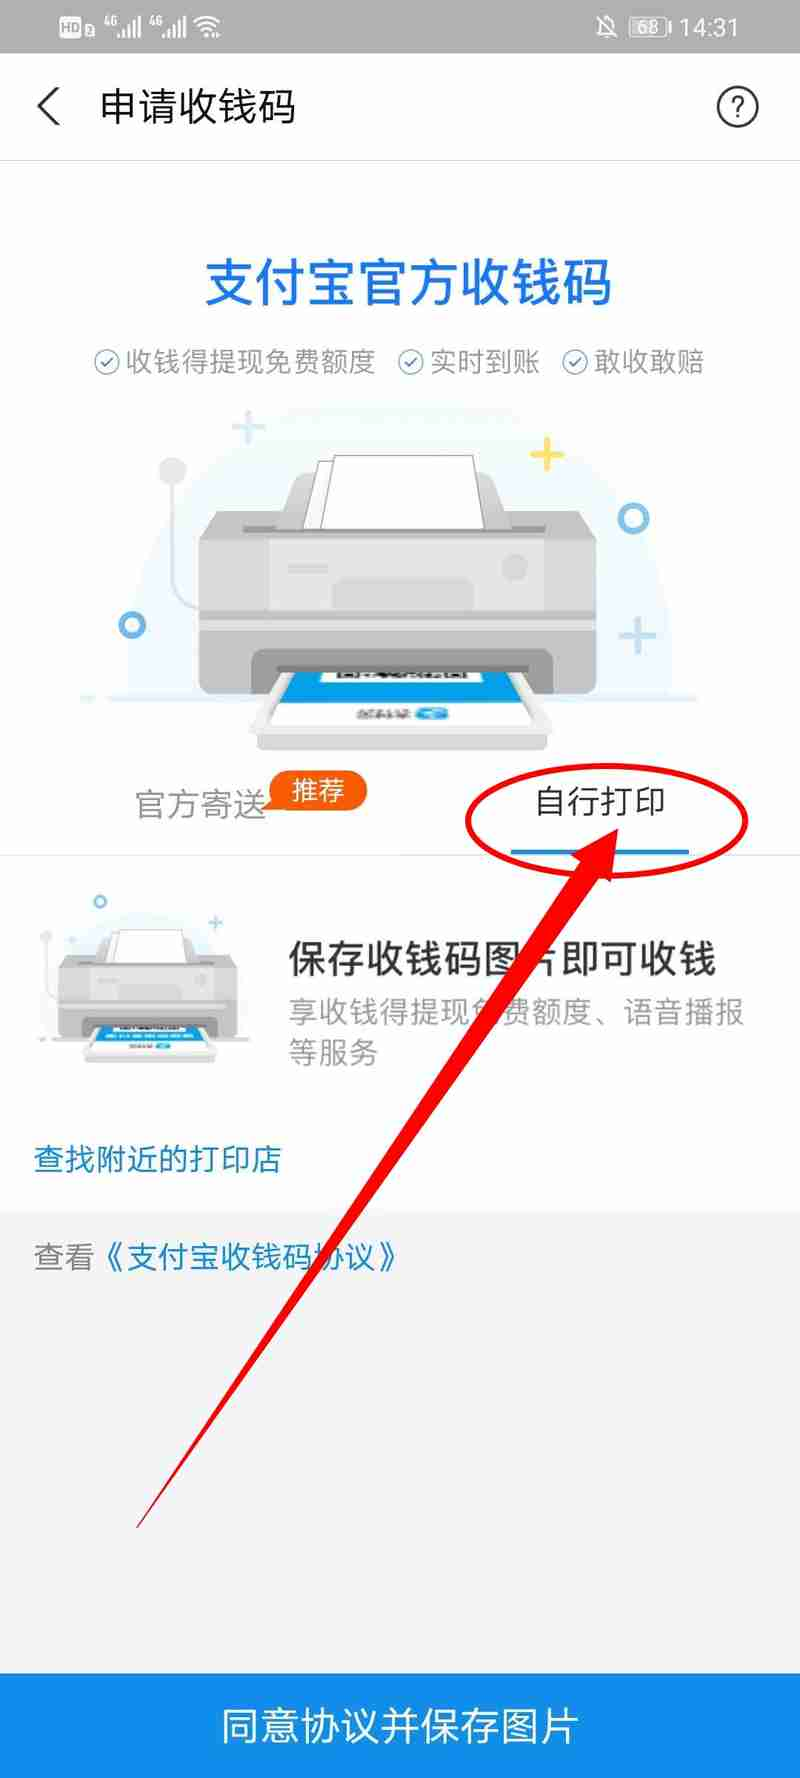 点击支付宝官方收钱码中间的自行打印,在自行打印界面点击同意协议并保存图片